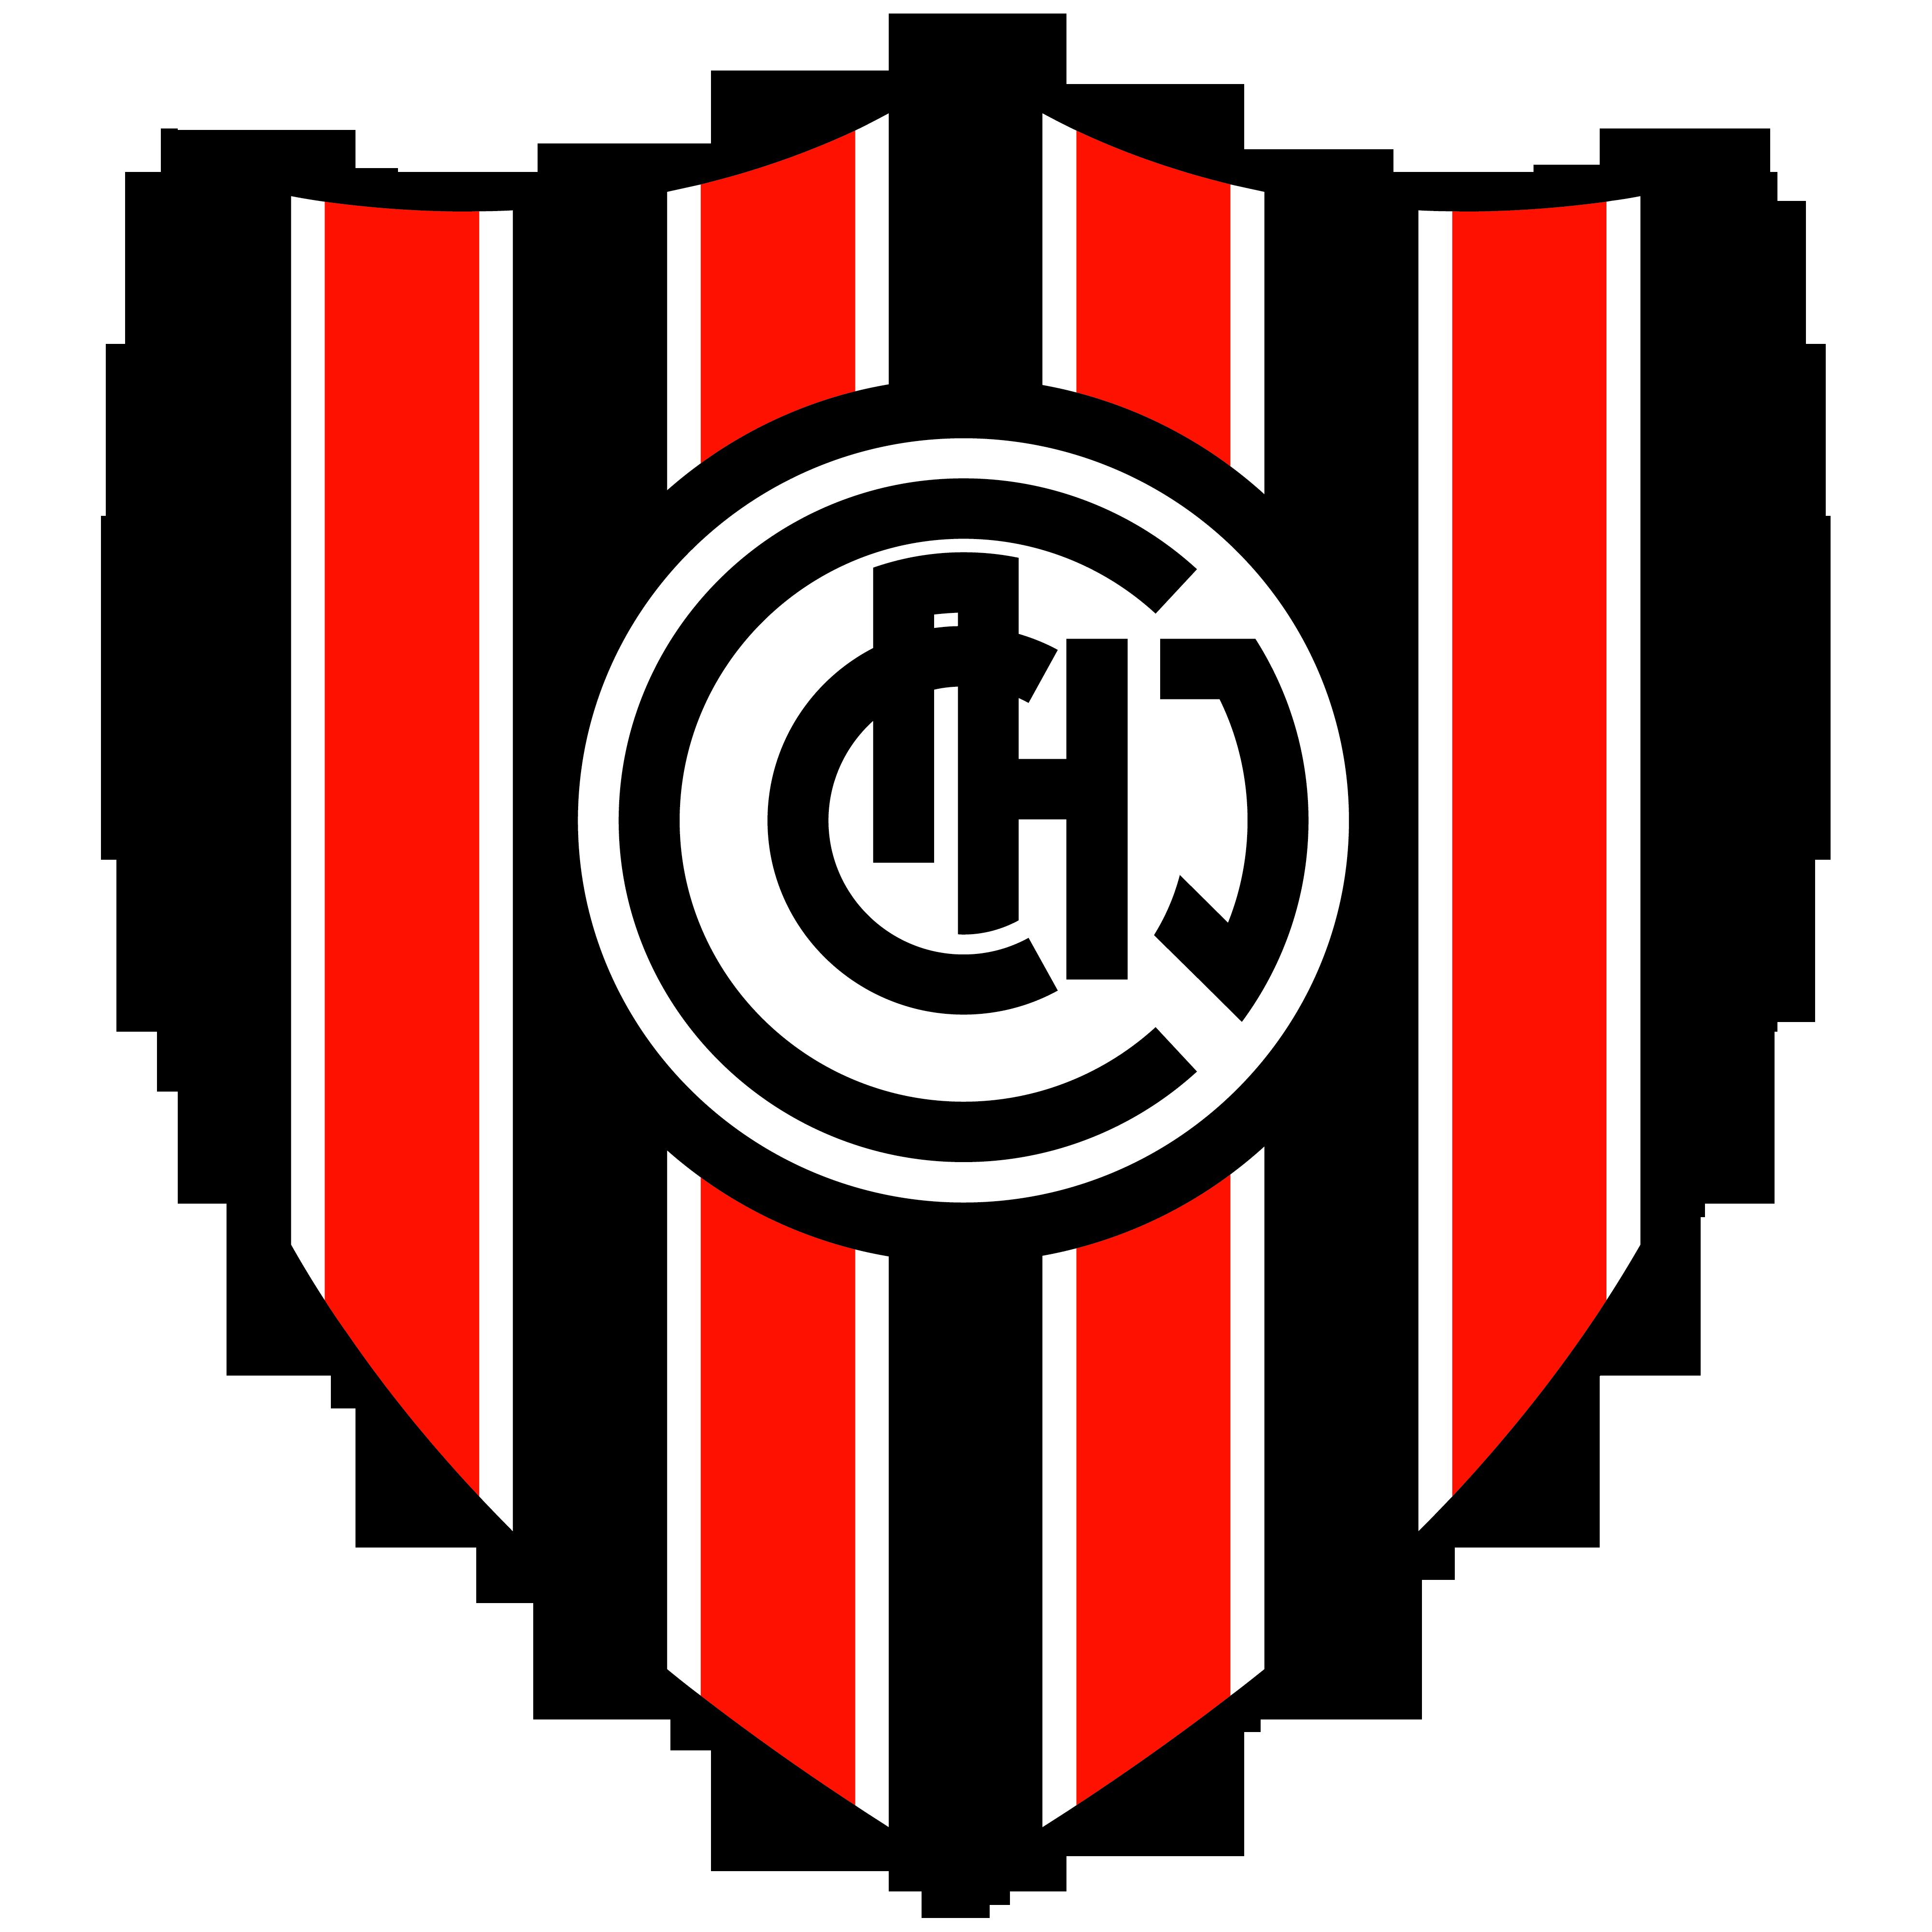 Club Atlético Chacarita Juniors